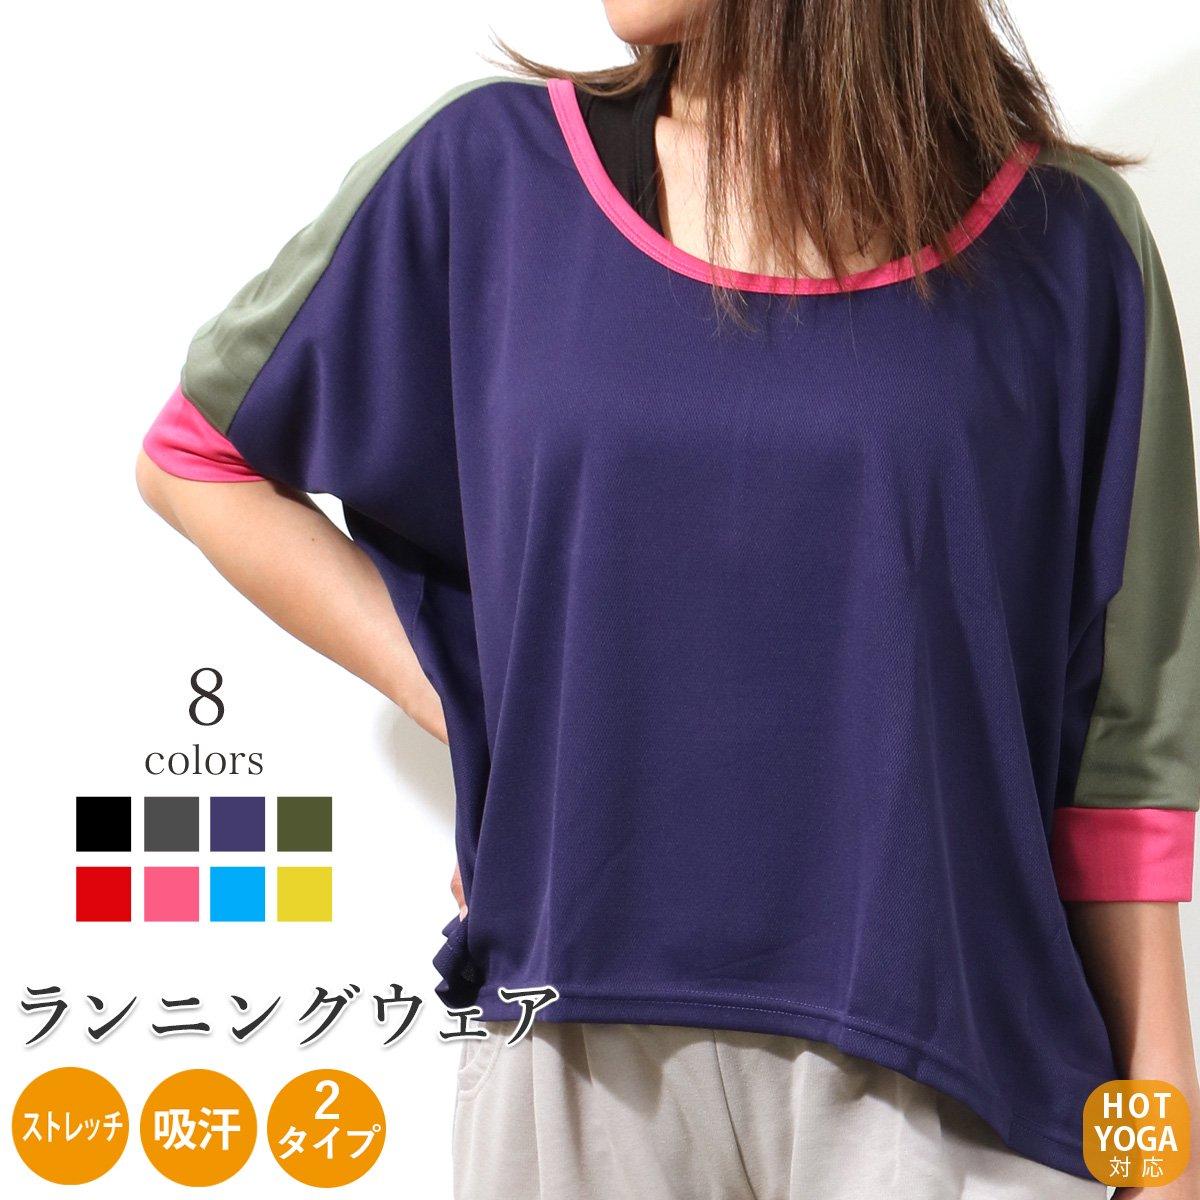 フィットネスウェア 通気性バツグン フィットネスTシャツ ヨガウェア トレーニング フィットネス レディース フレンチ袖